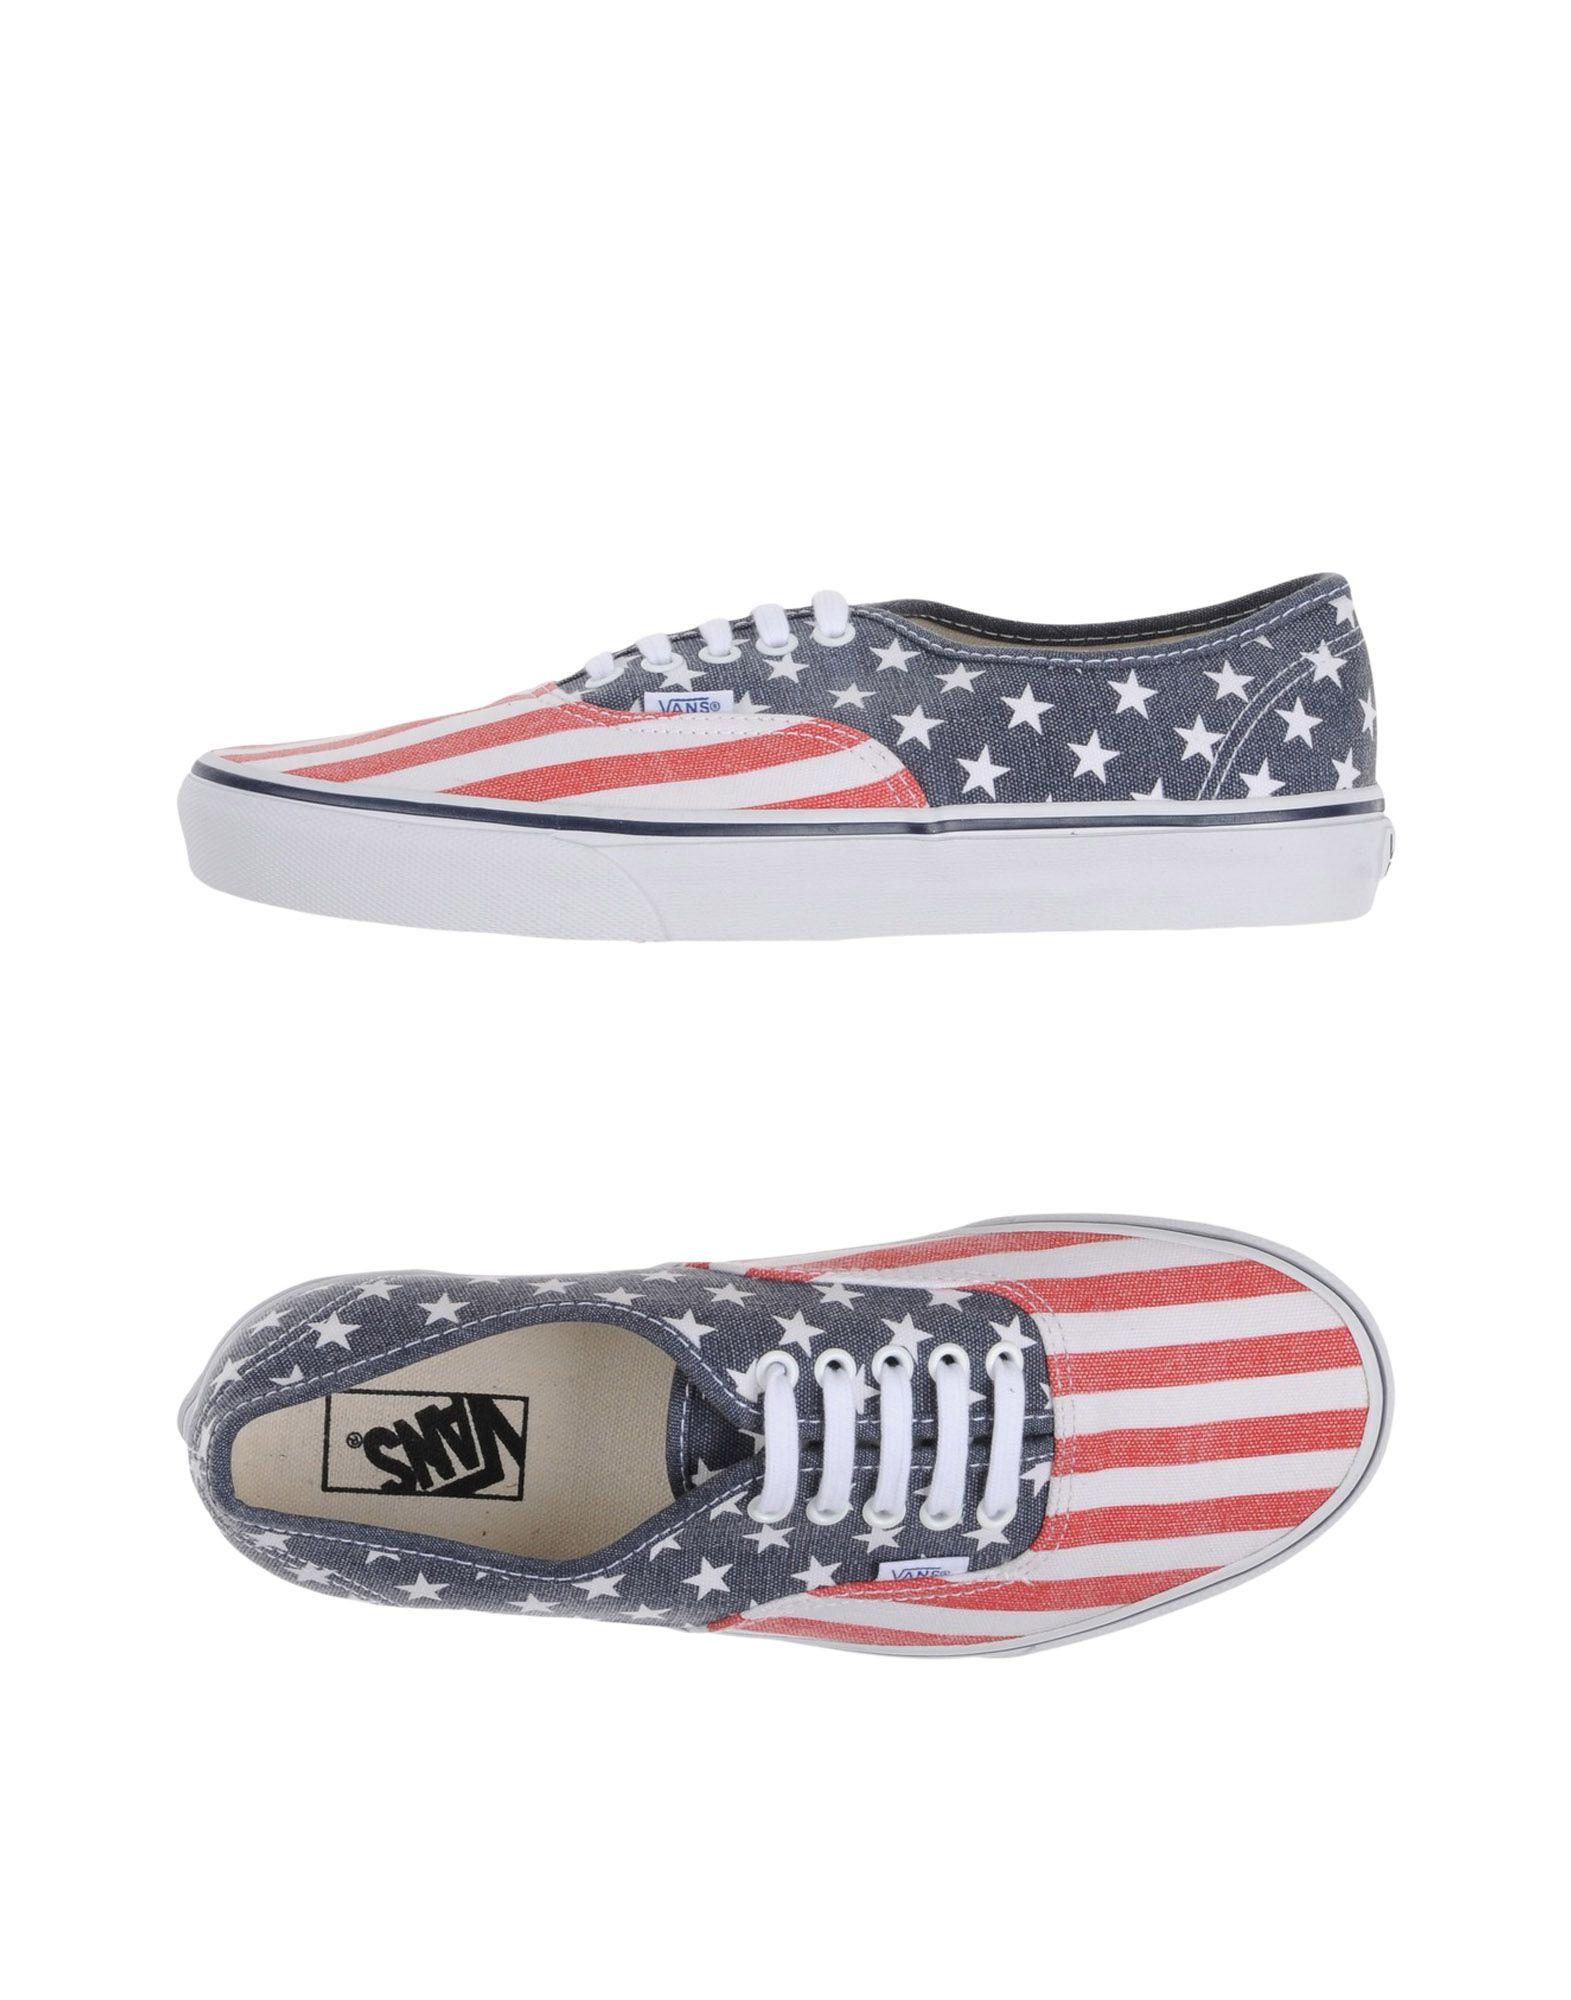 Rabatt echte  Schuhe Vans Sneakers Herren  echte 11246838GB da6127